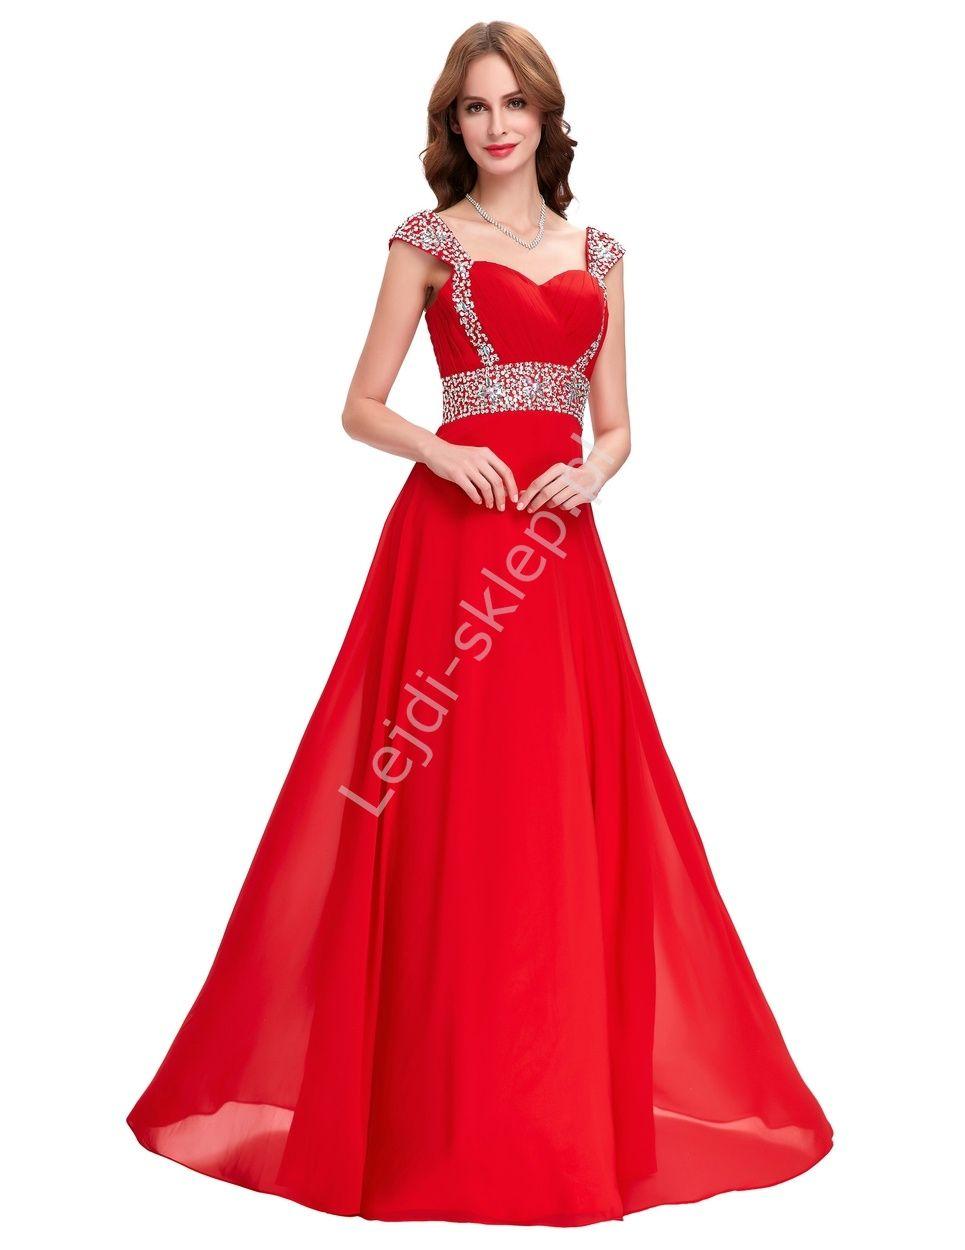 Czerwona Długa Sukienka Sukienki Wieczorowe Czerwone Suknie Wieczorowe Formal Dresses Red Formal Dress Dresses